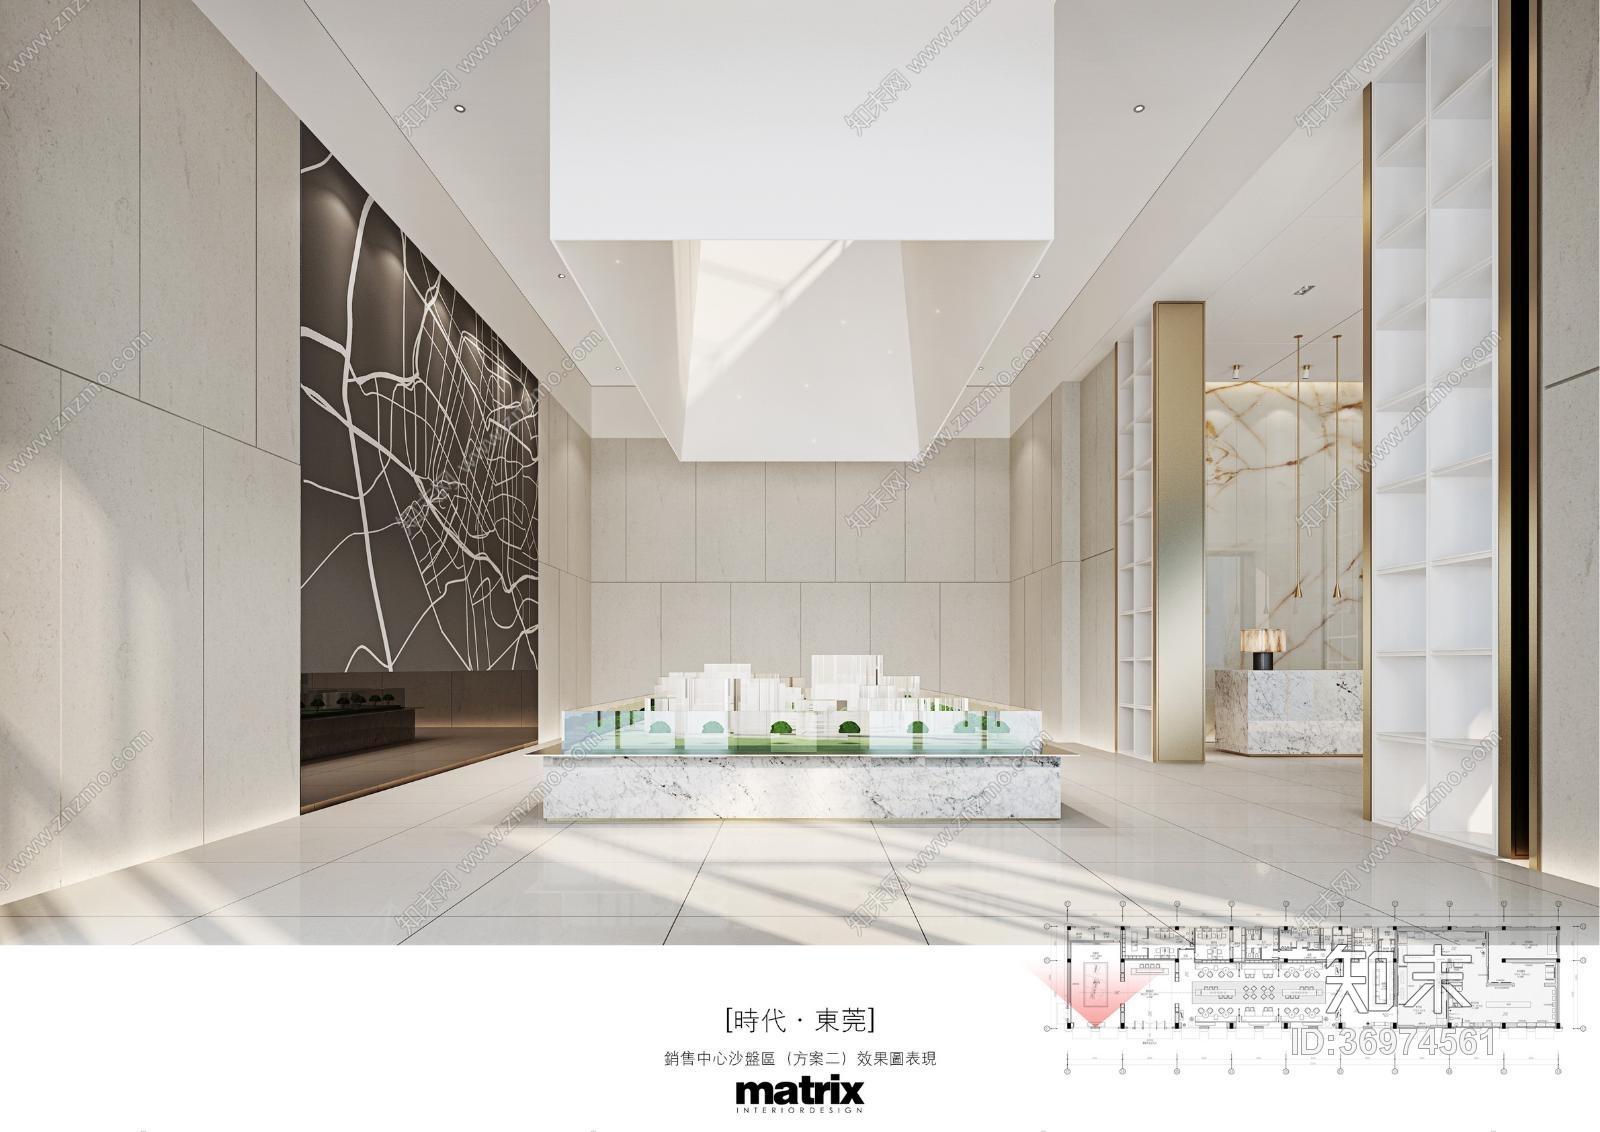 MATRIX矩阵-东莞石排时代销售中心项目施工图+效果物料施工图下载【ID:36974561】